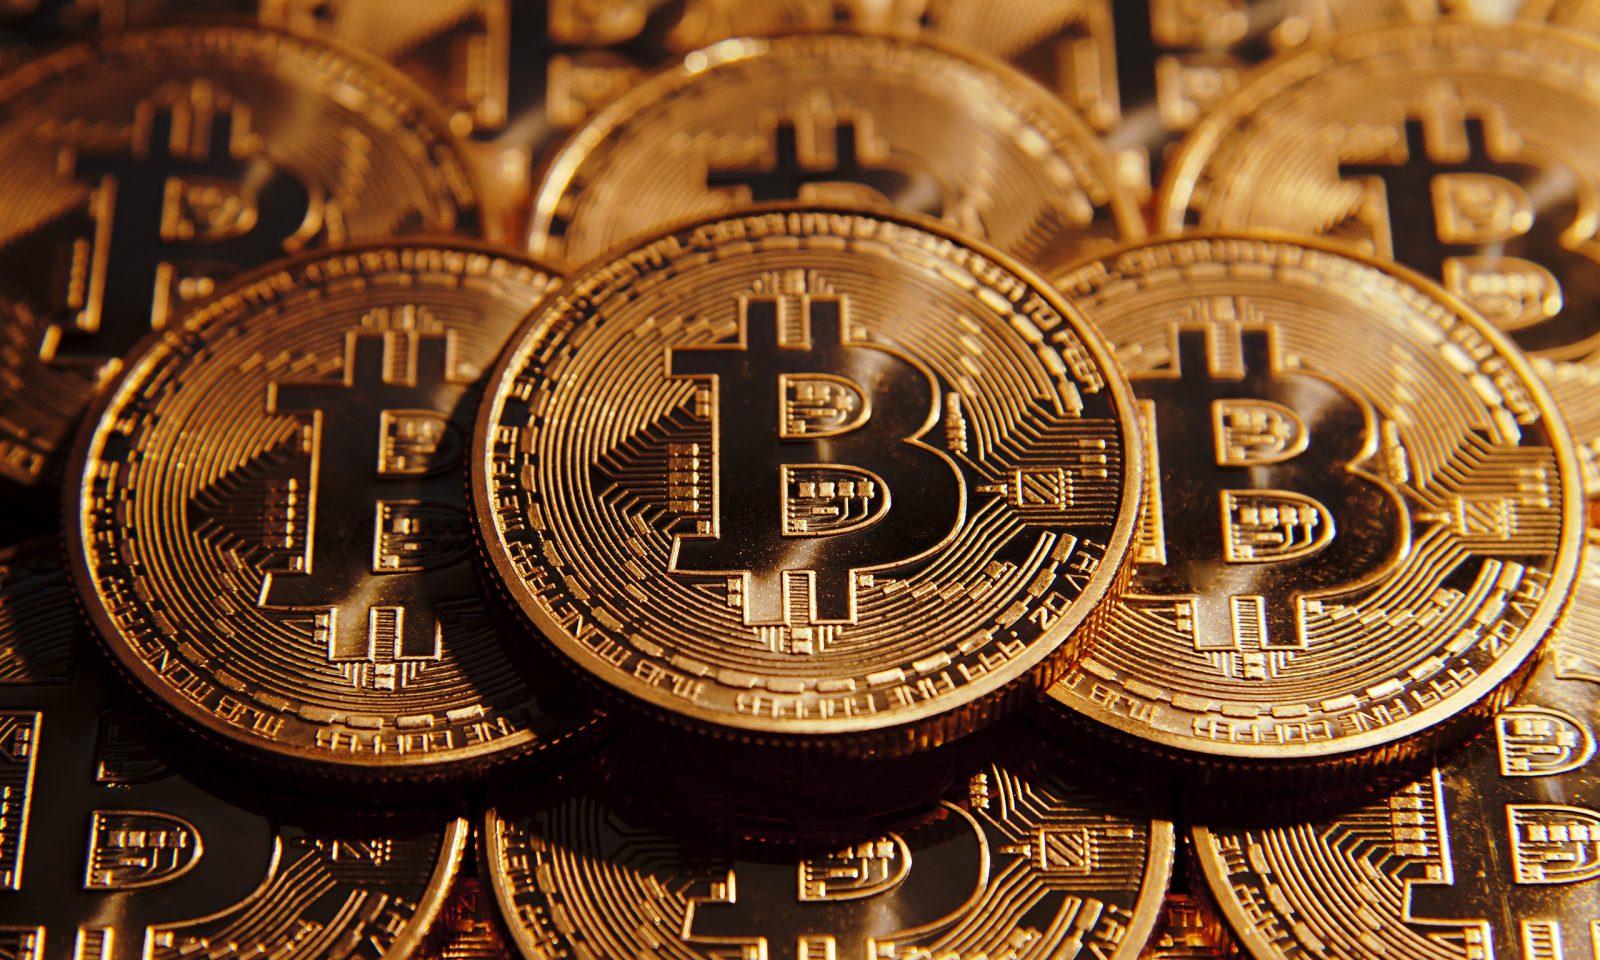 în cazul în care pentru a câștiga Bitcoins pe internet